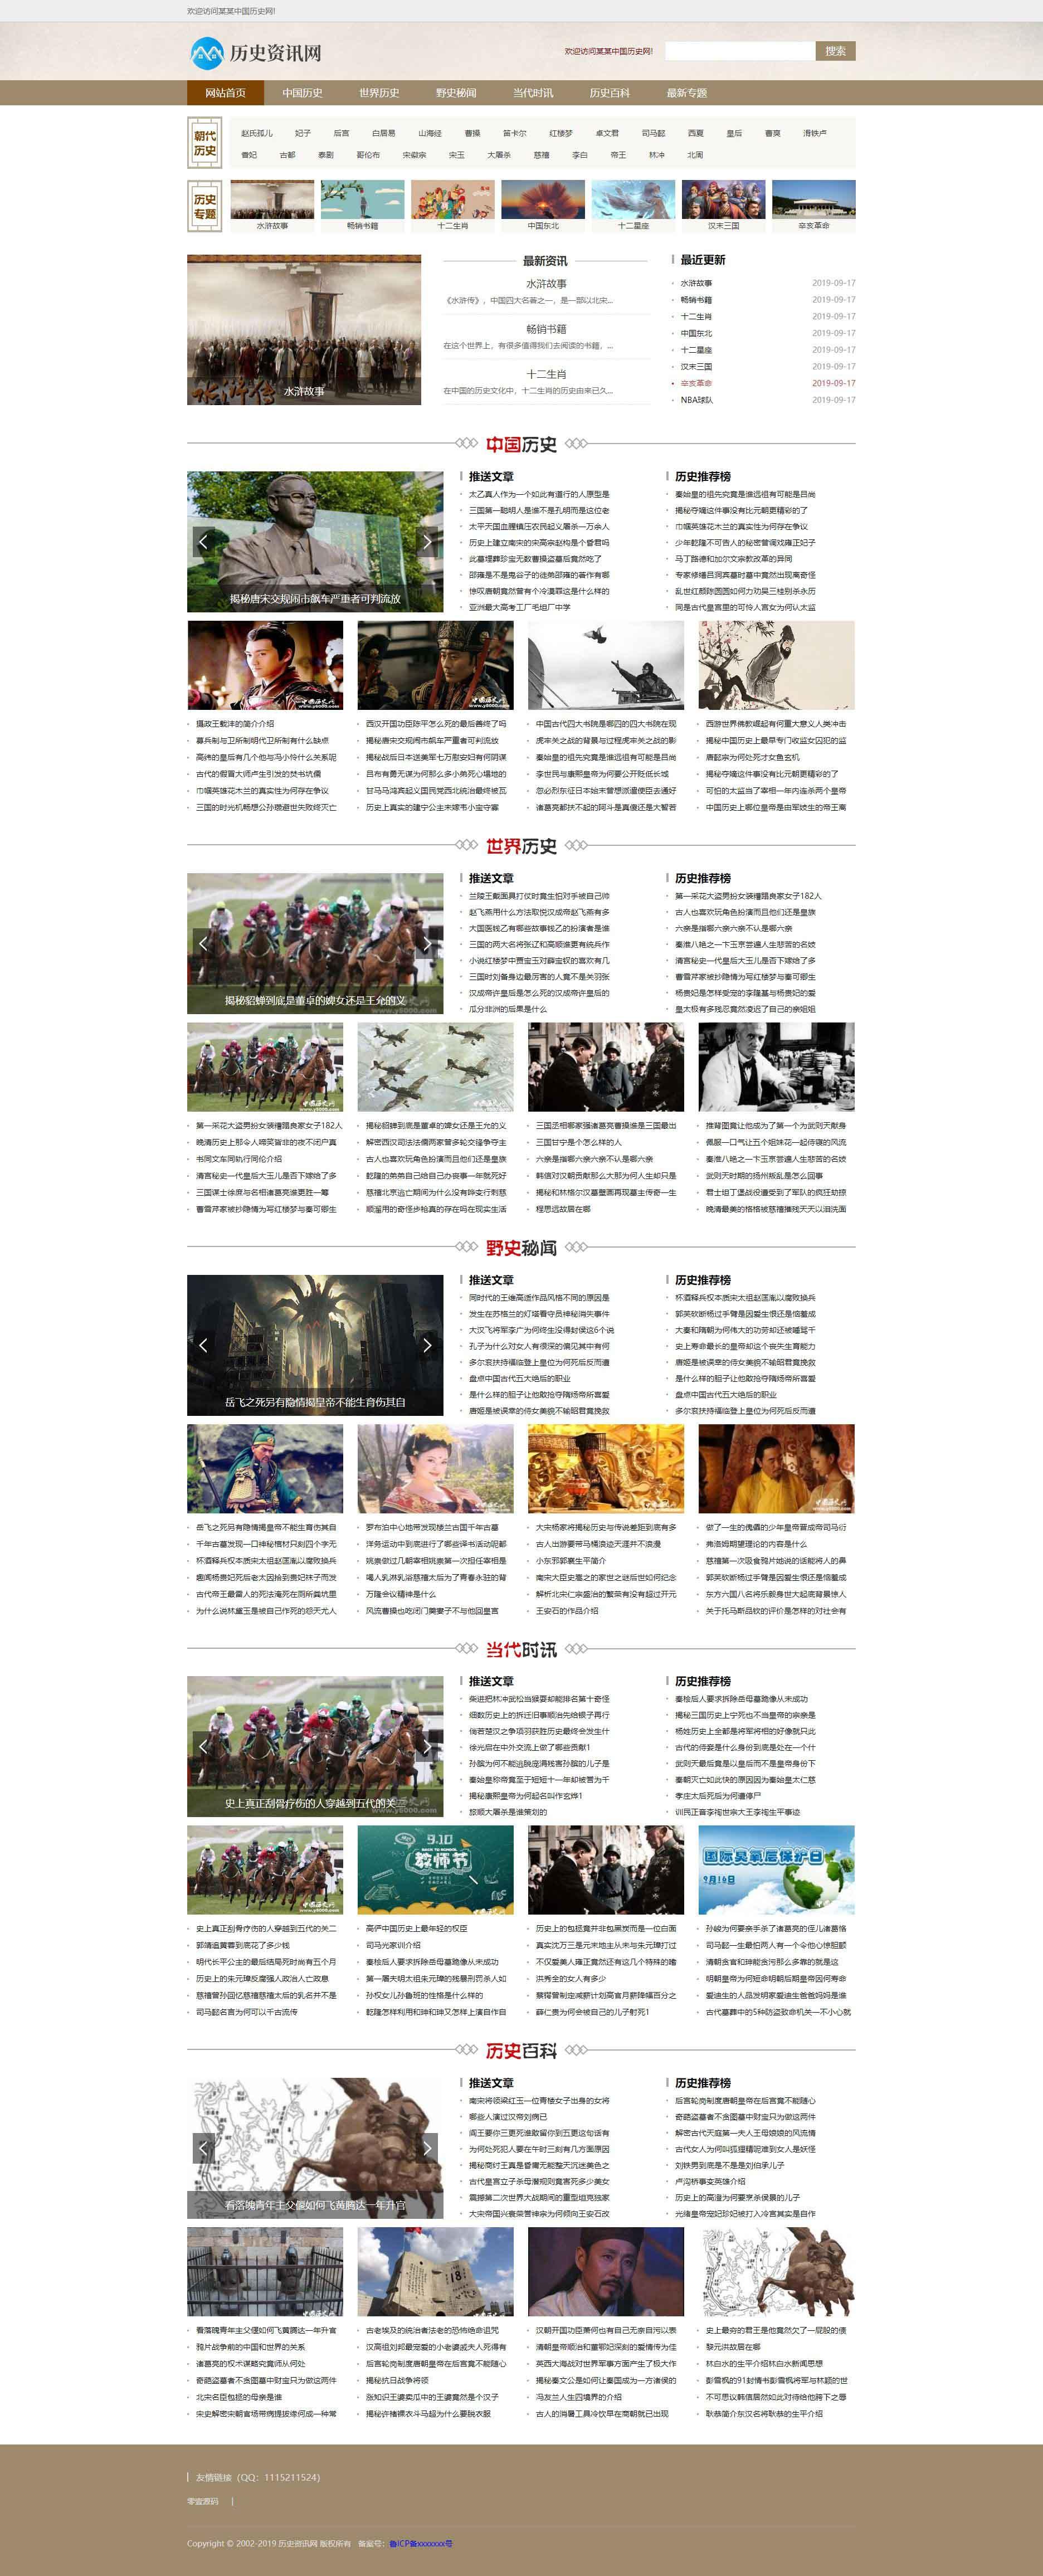 历史新闻资讯网类网站织梦dedecms模板(带手机端)